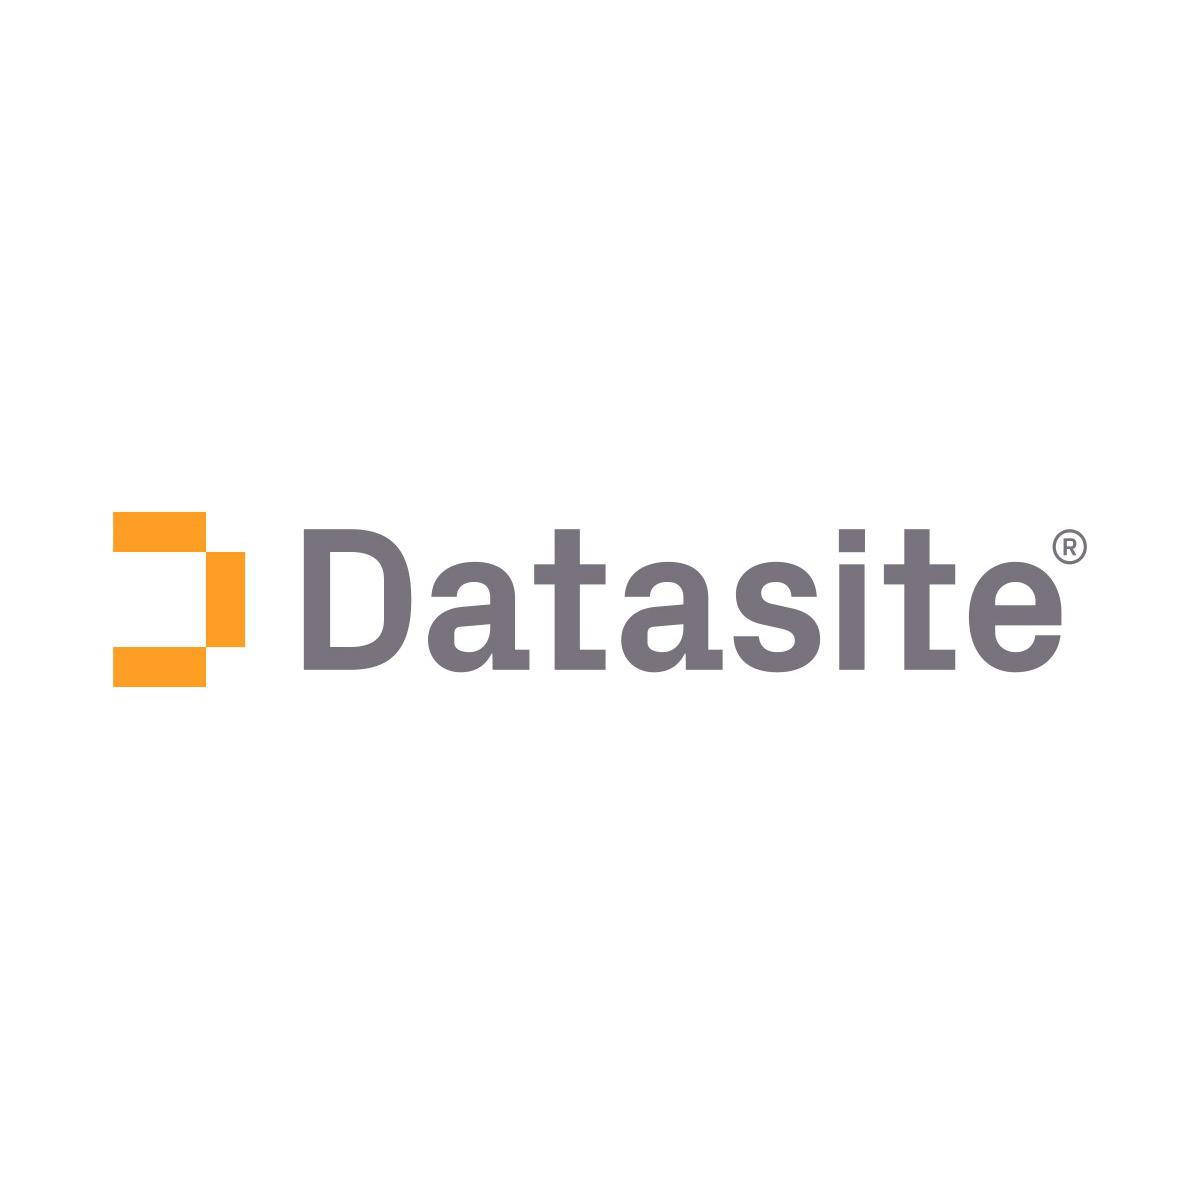 Datasite